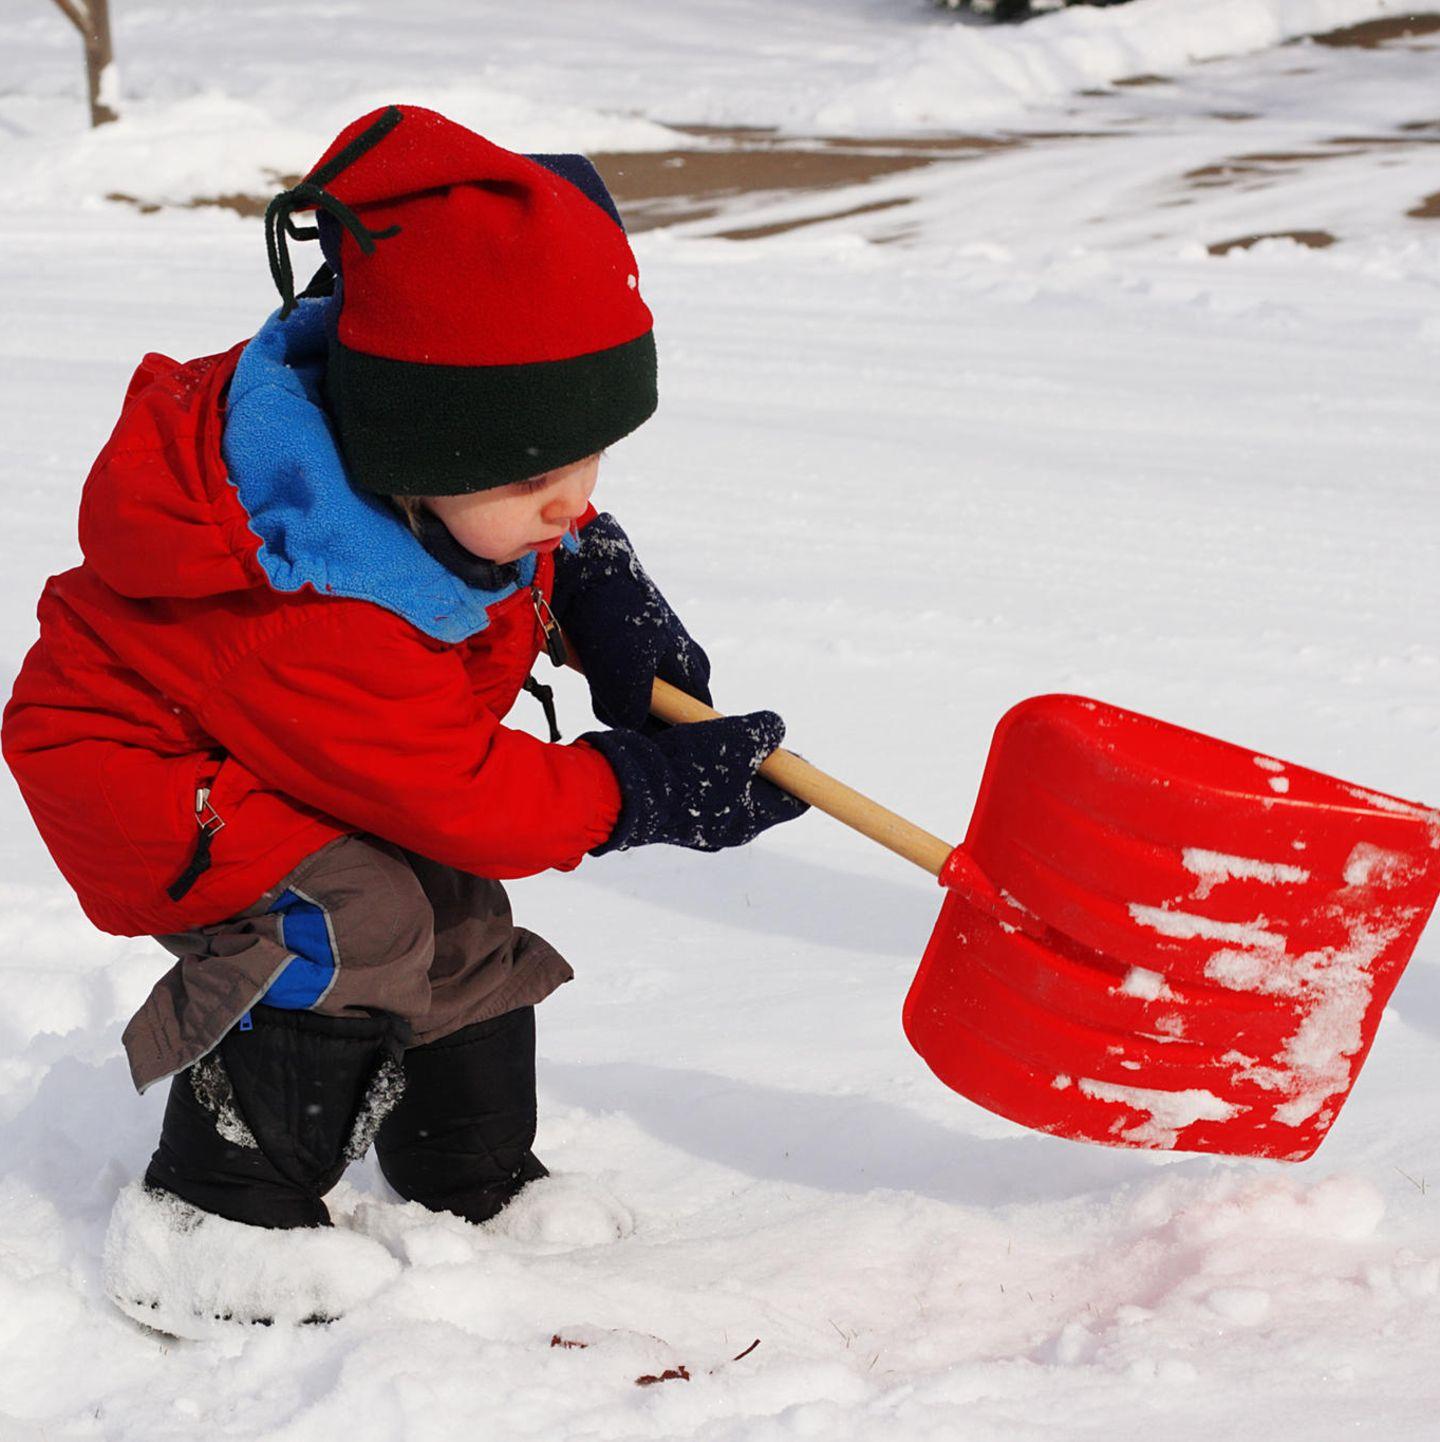 Kind mit Stiefeln  im Schnee mit Schippe